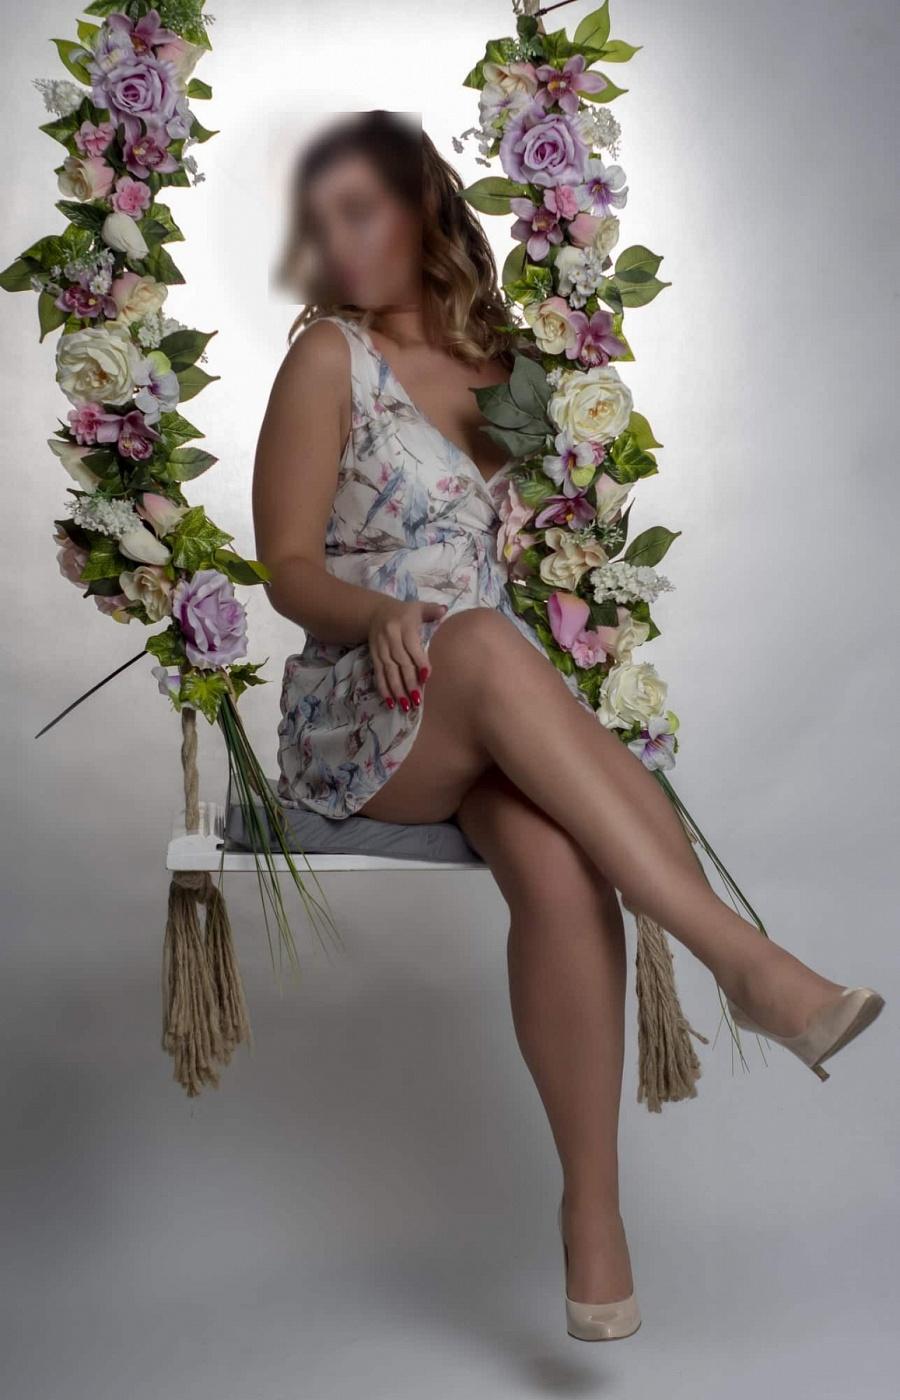 Klaudia from Poland